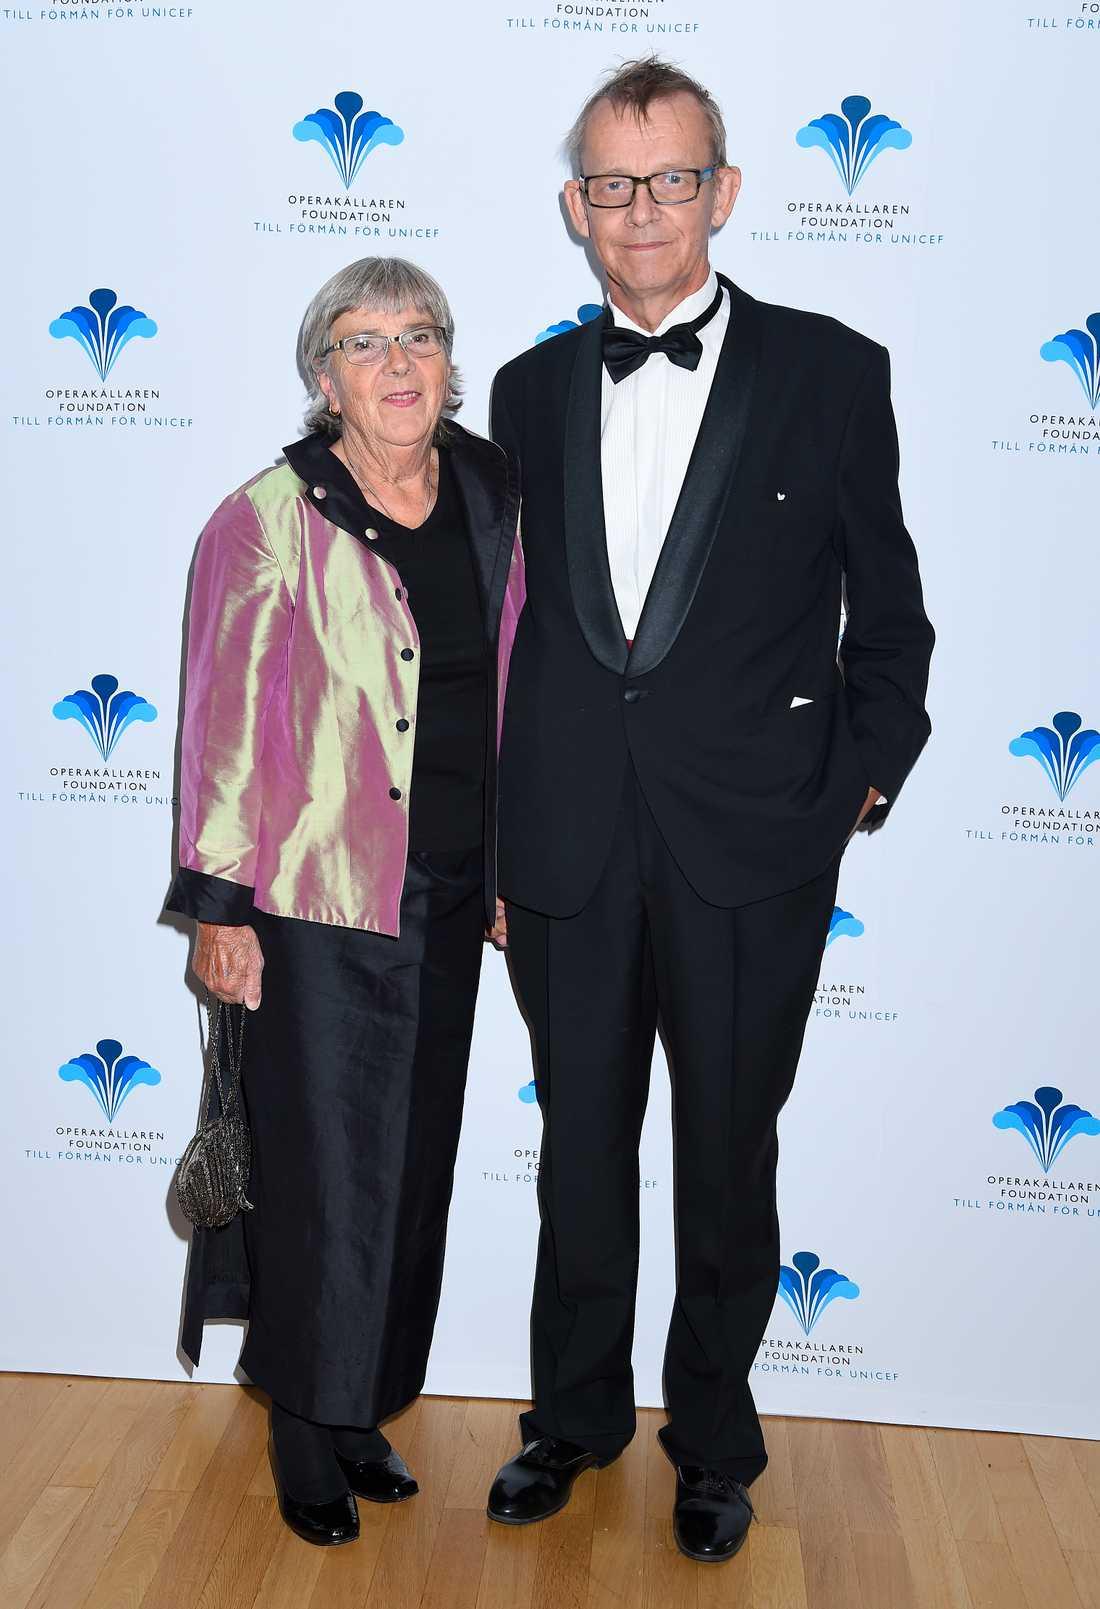 Hans Rosling med sin fru Agneta på Operakällaren Foundation till förmån för UNICEF i september i fjol.